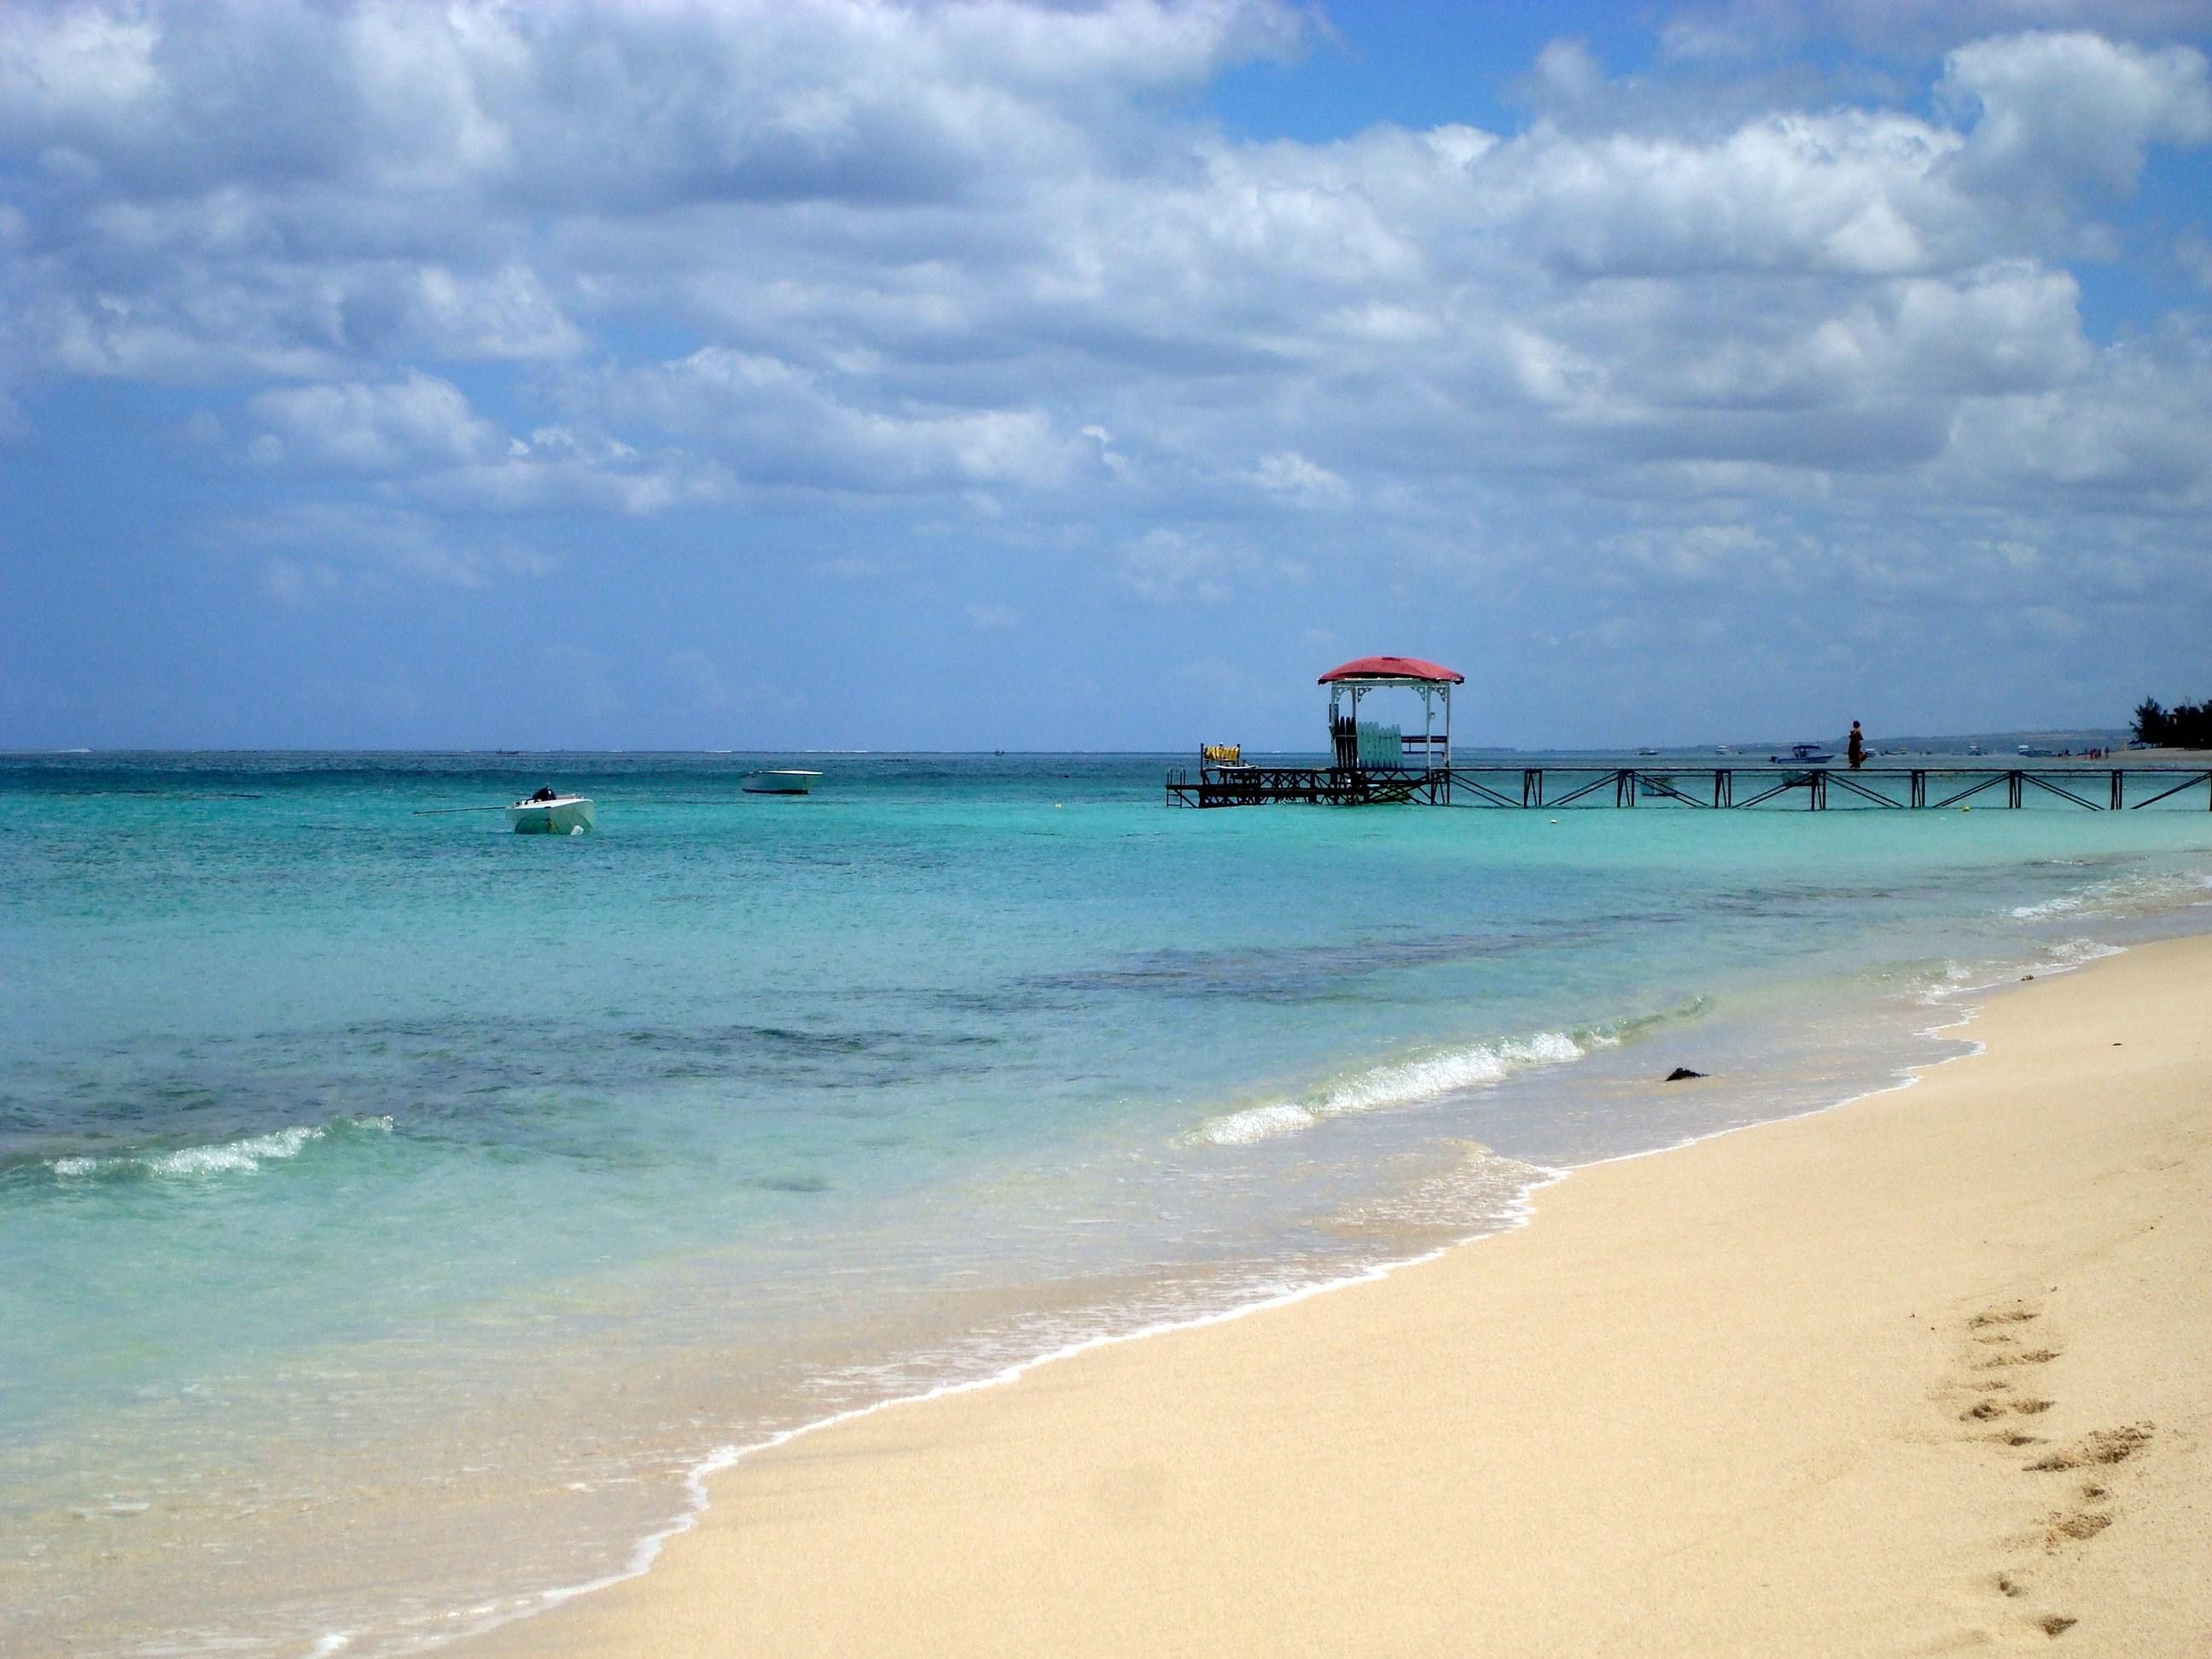 T l charger fonds d 39 cran plage paradisiaque gratuitement - Image de plage paradisiaque ...